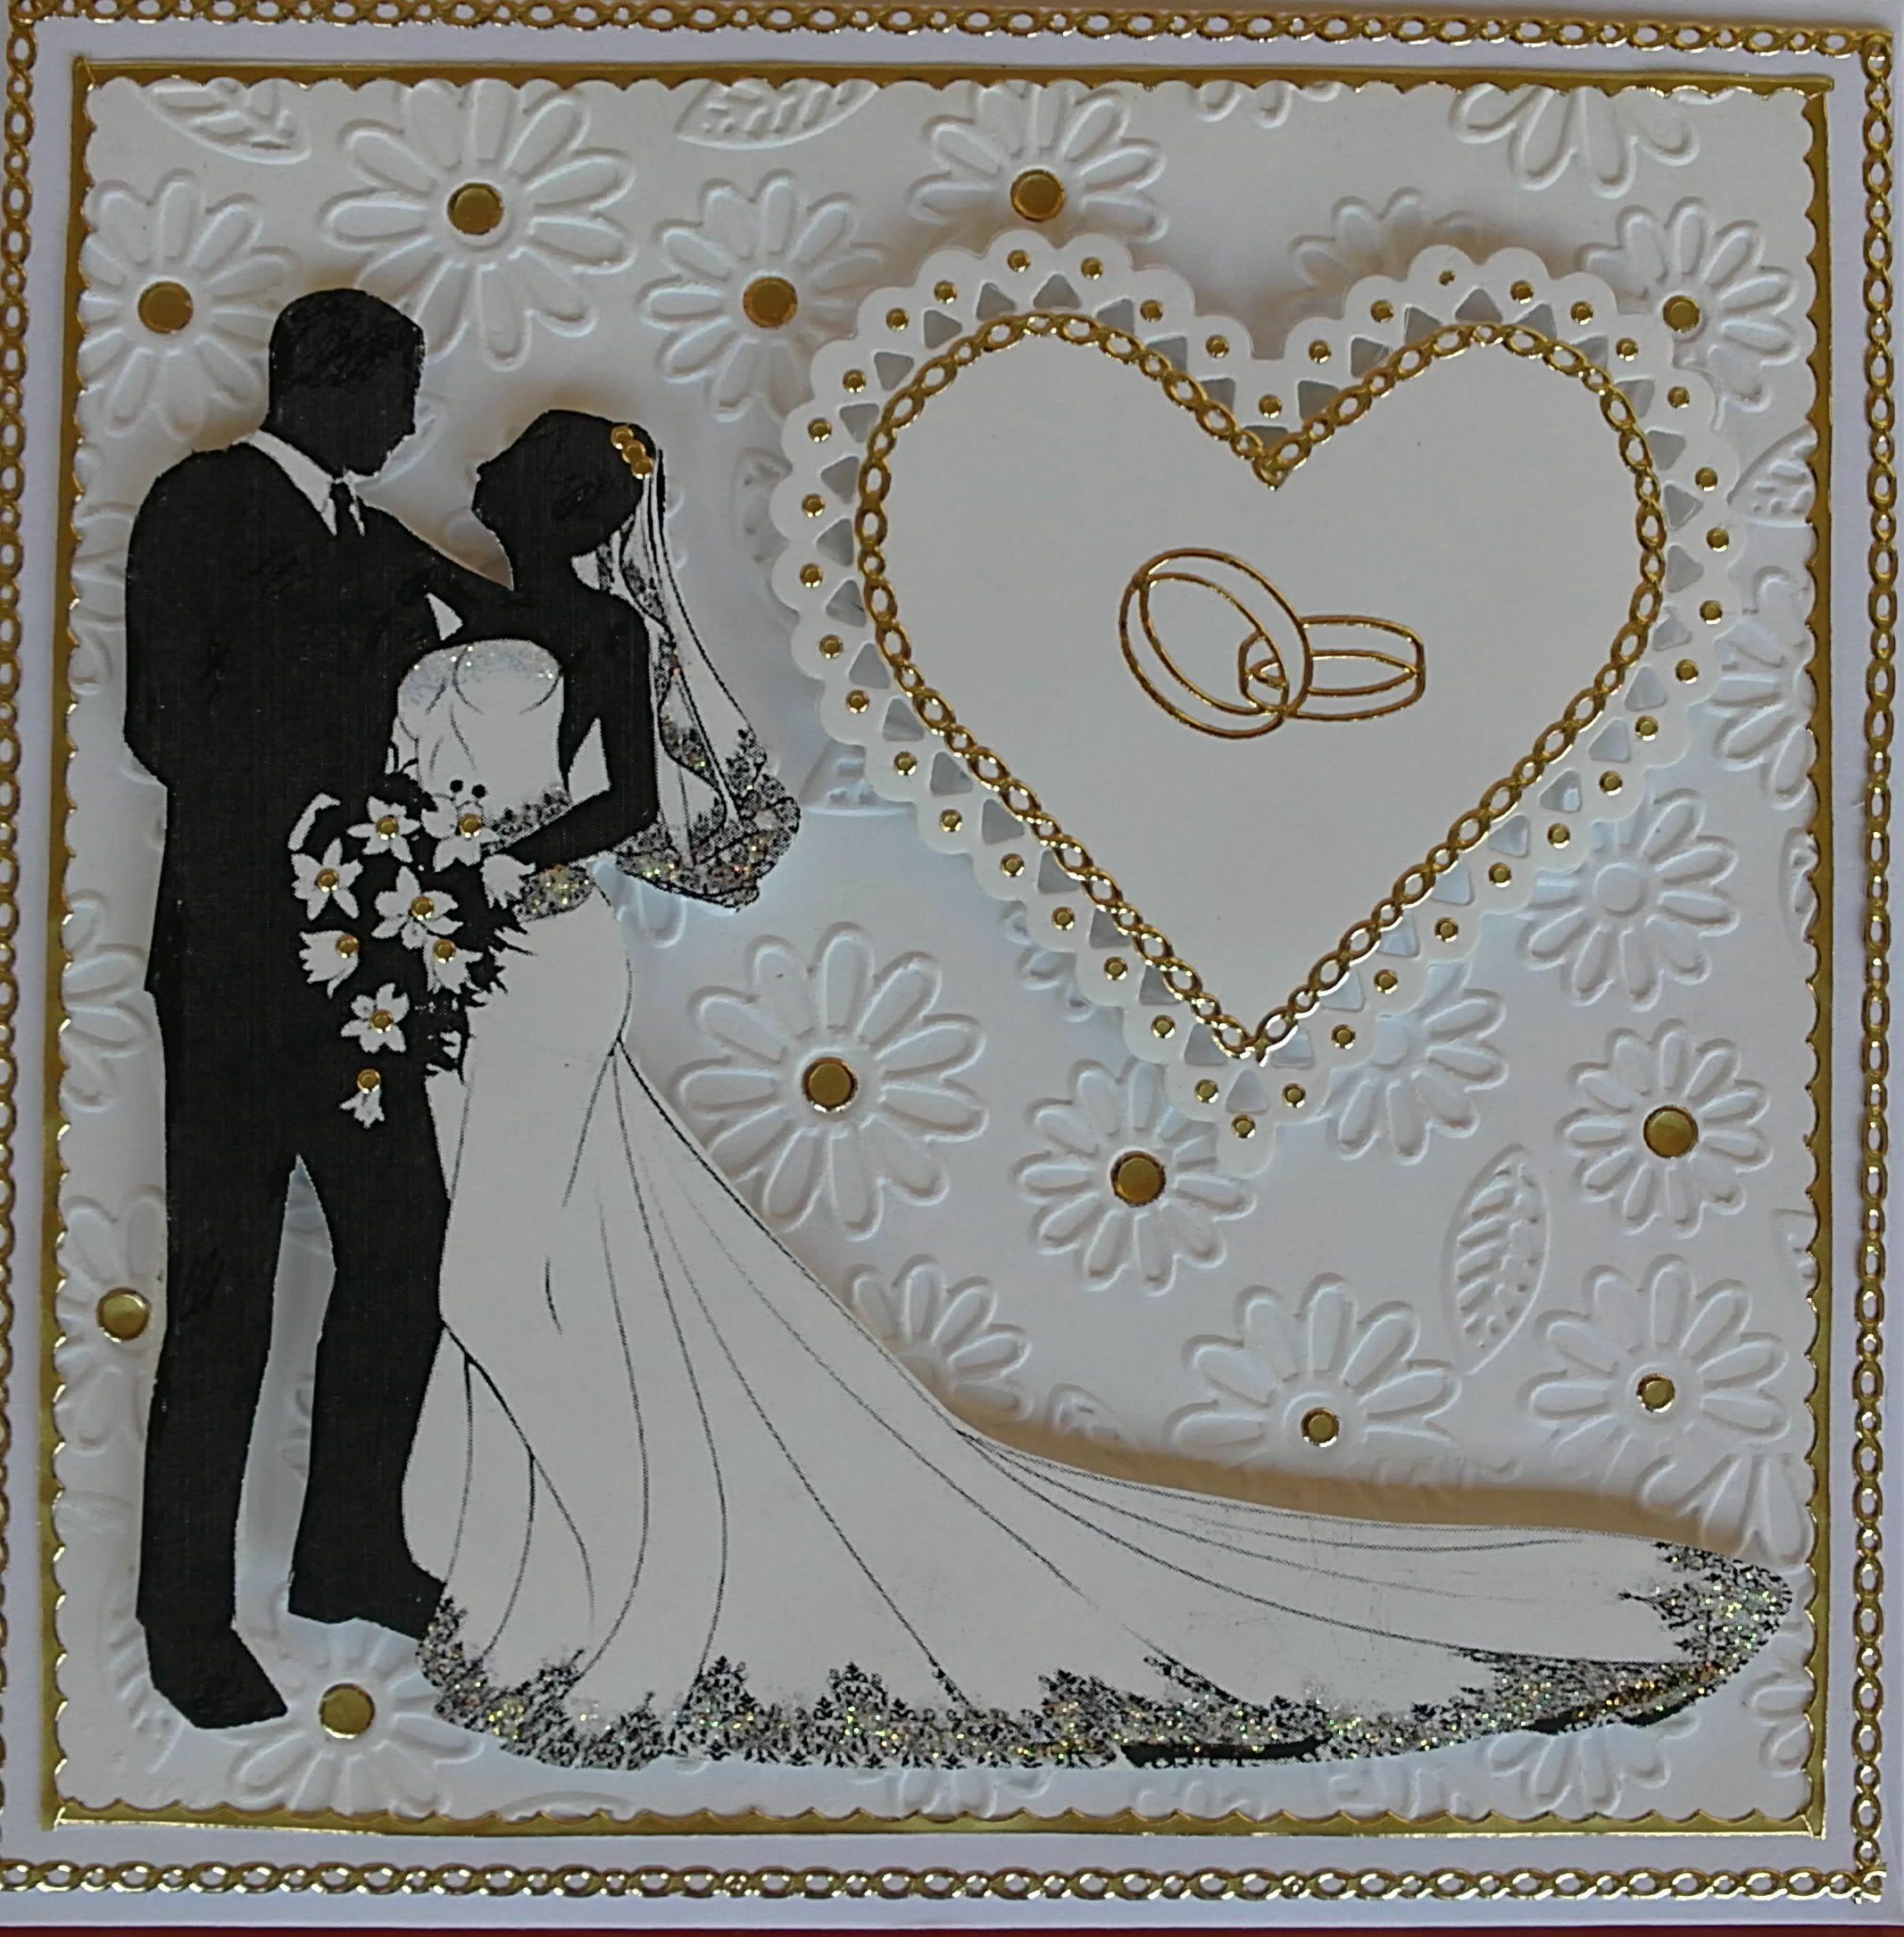 Лет, сделать открытку к годовщине свадьбы онлайн